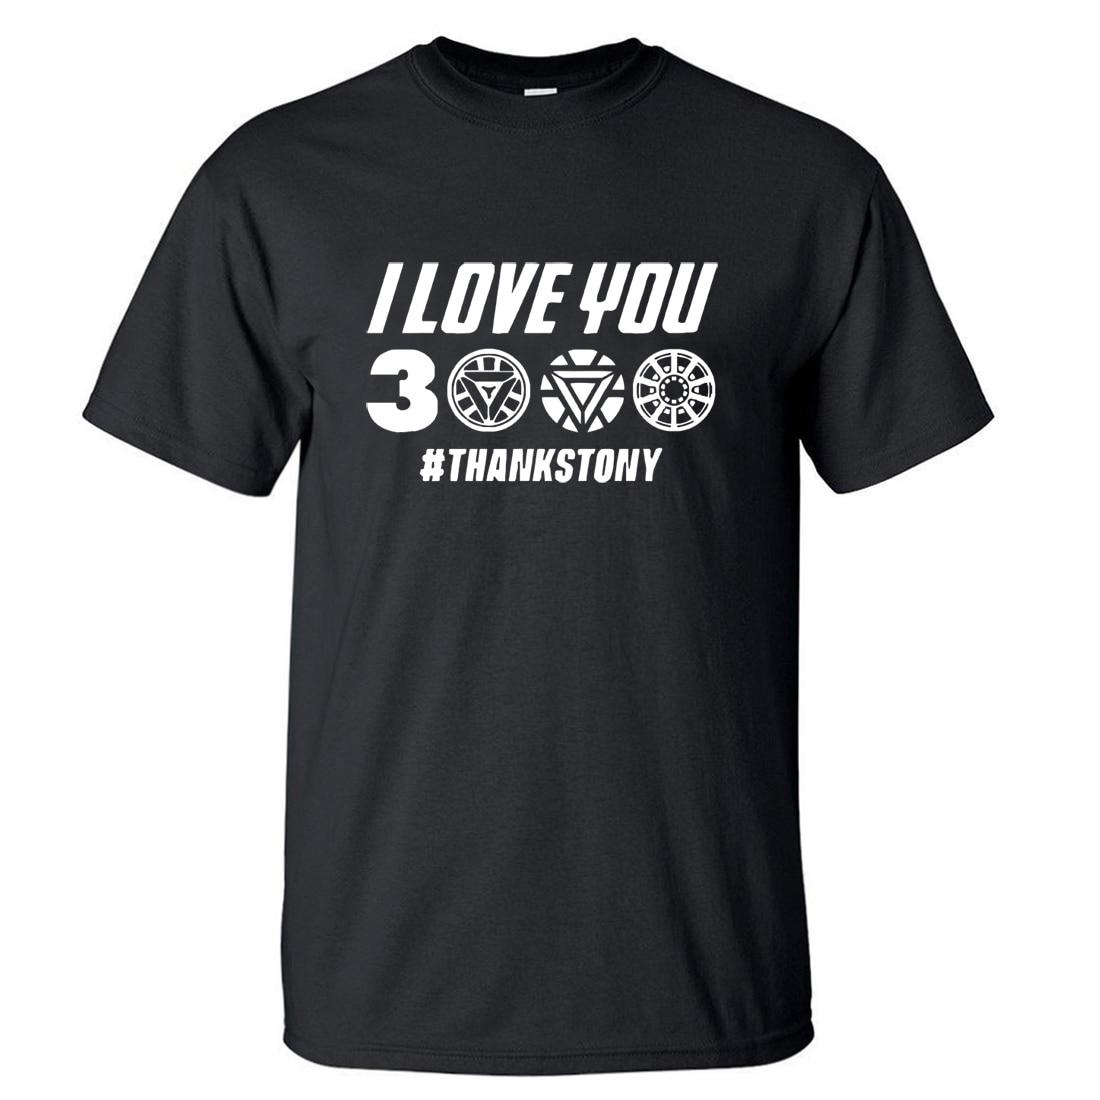 EU Te amo 3000 Vezes T shirt Homens de Super-heróis Os Vingadores Homem De Ferro Tony Stark Verão T Camisas de Algodão Curta manga Tshirt Preta